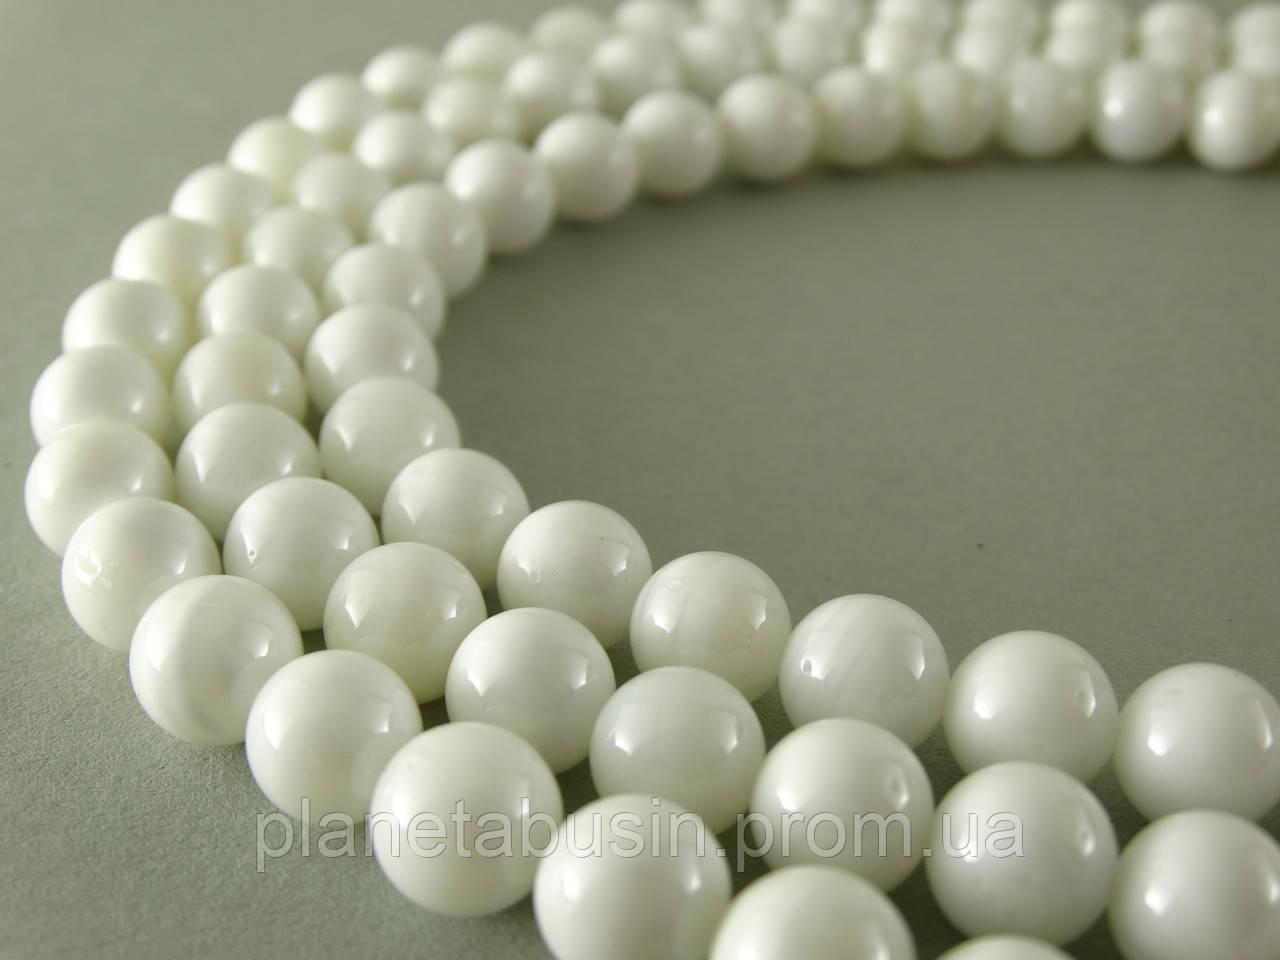 8 мм Белый Перламутр, CN110, Натуральный камень, Форма: Шар, Отверстие: 1 мм, кол-во: 47-48 шт/нить